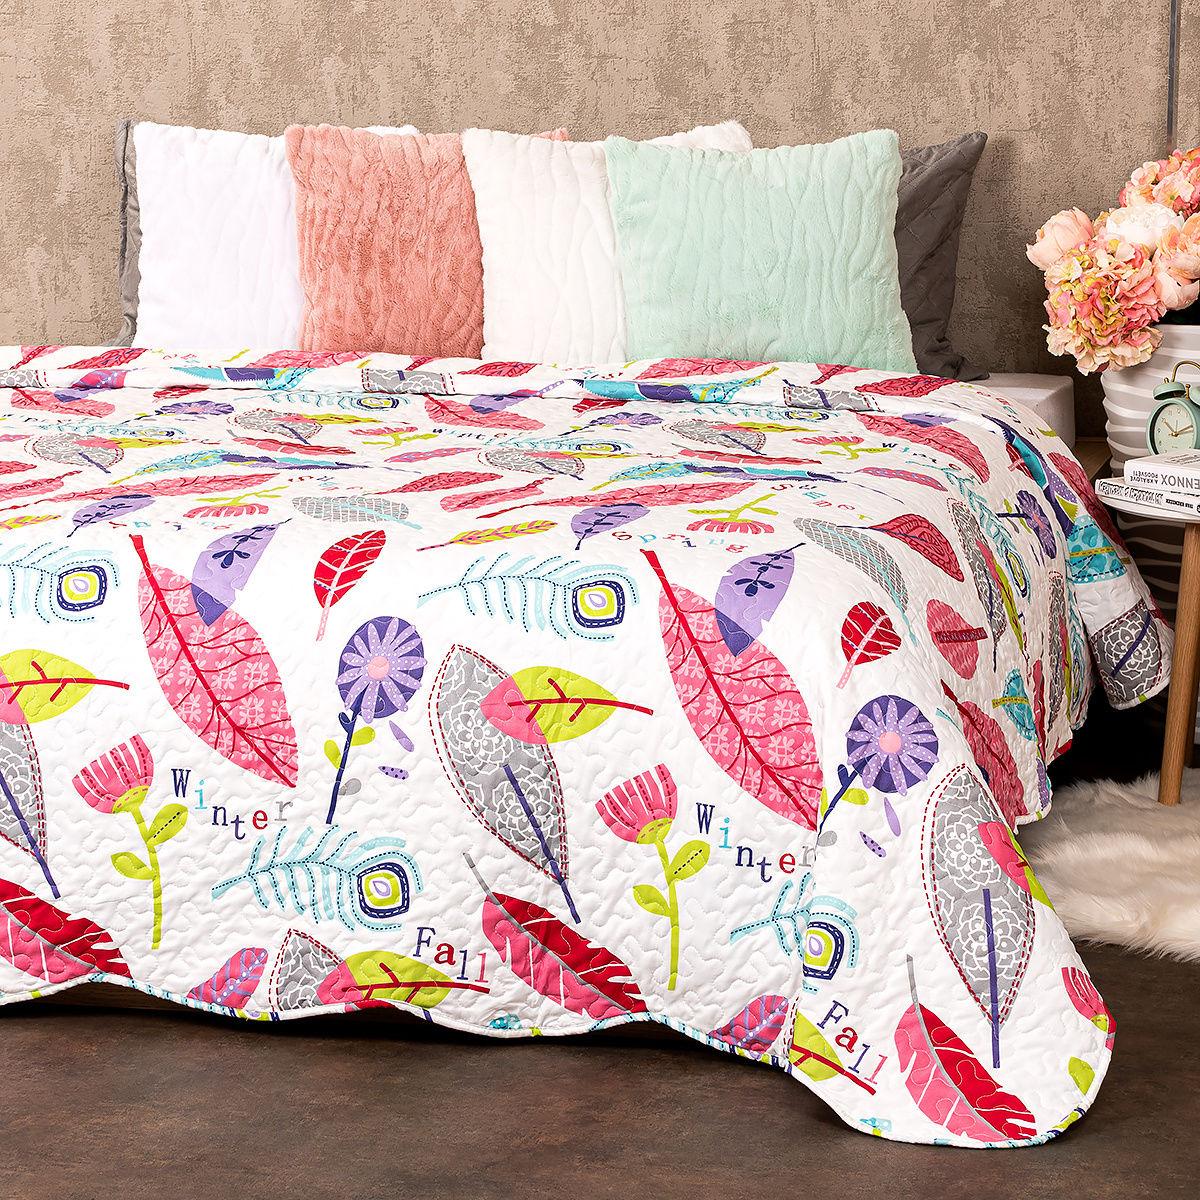 4Home Narzuta na łóżko Karine, 220 x 240 cm, 220 x 240 cm